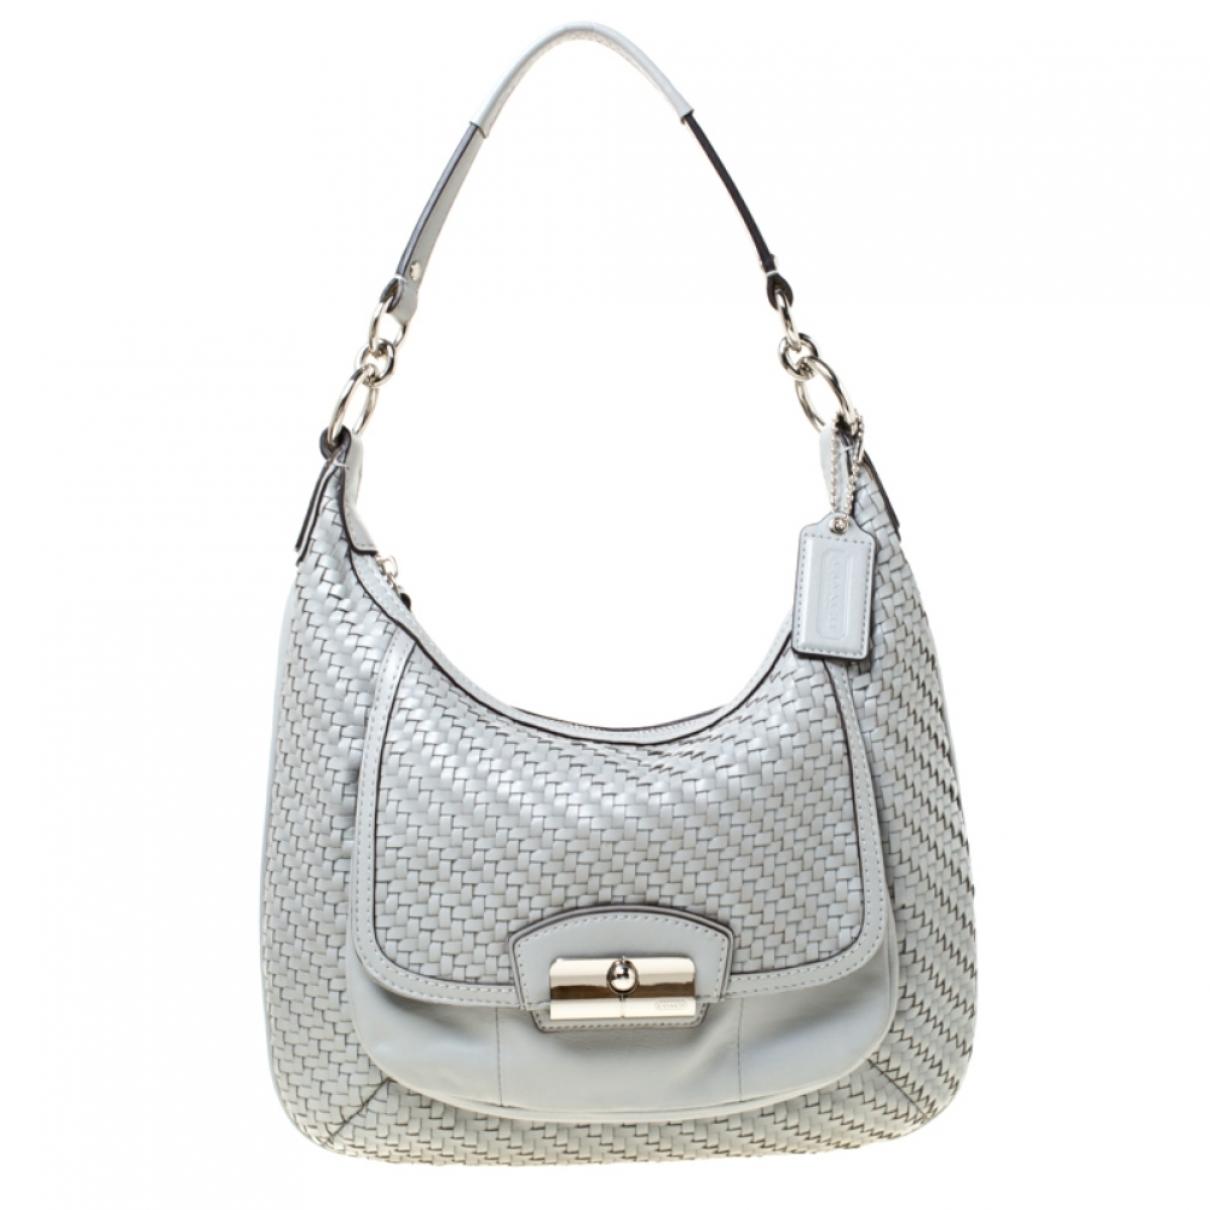 Coach \N Grey Leather handbag for Women \N